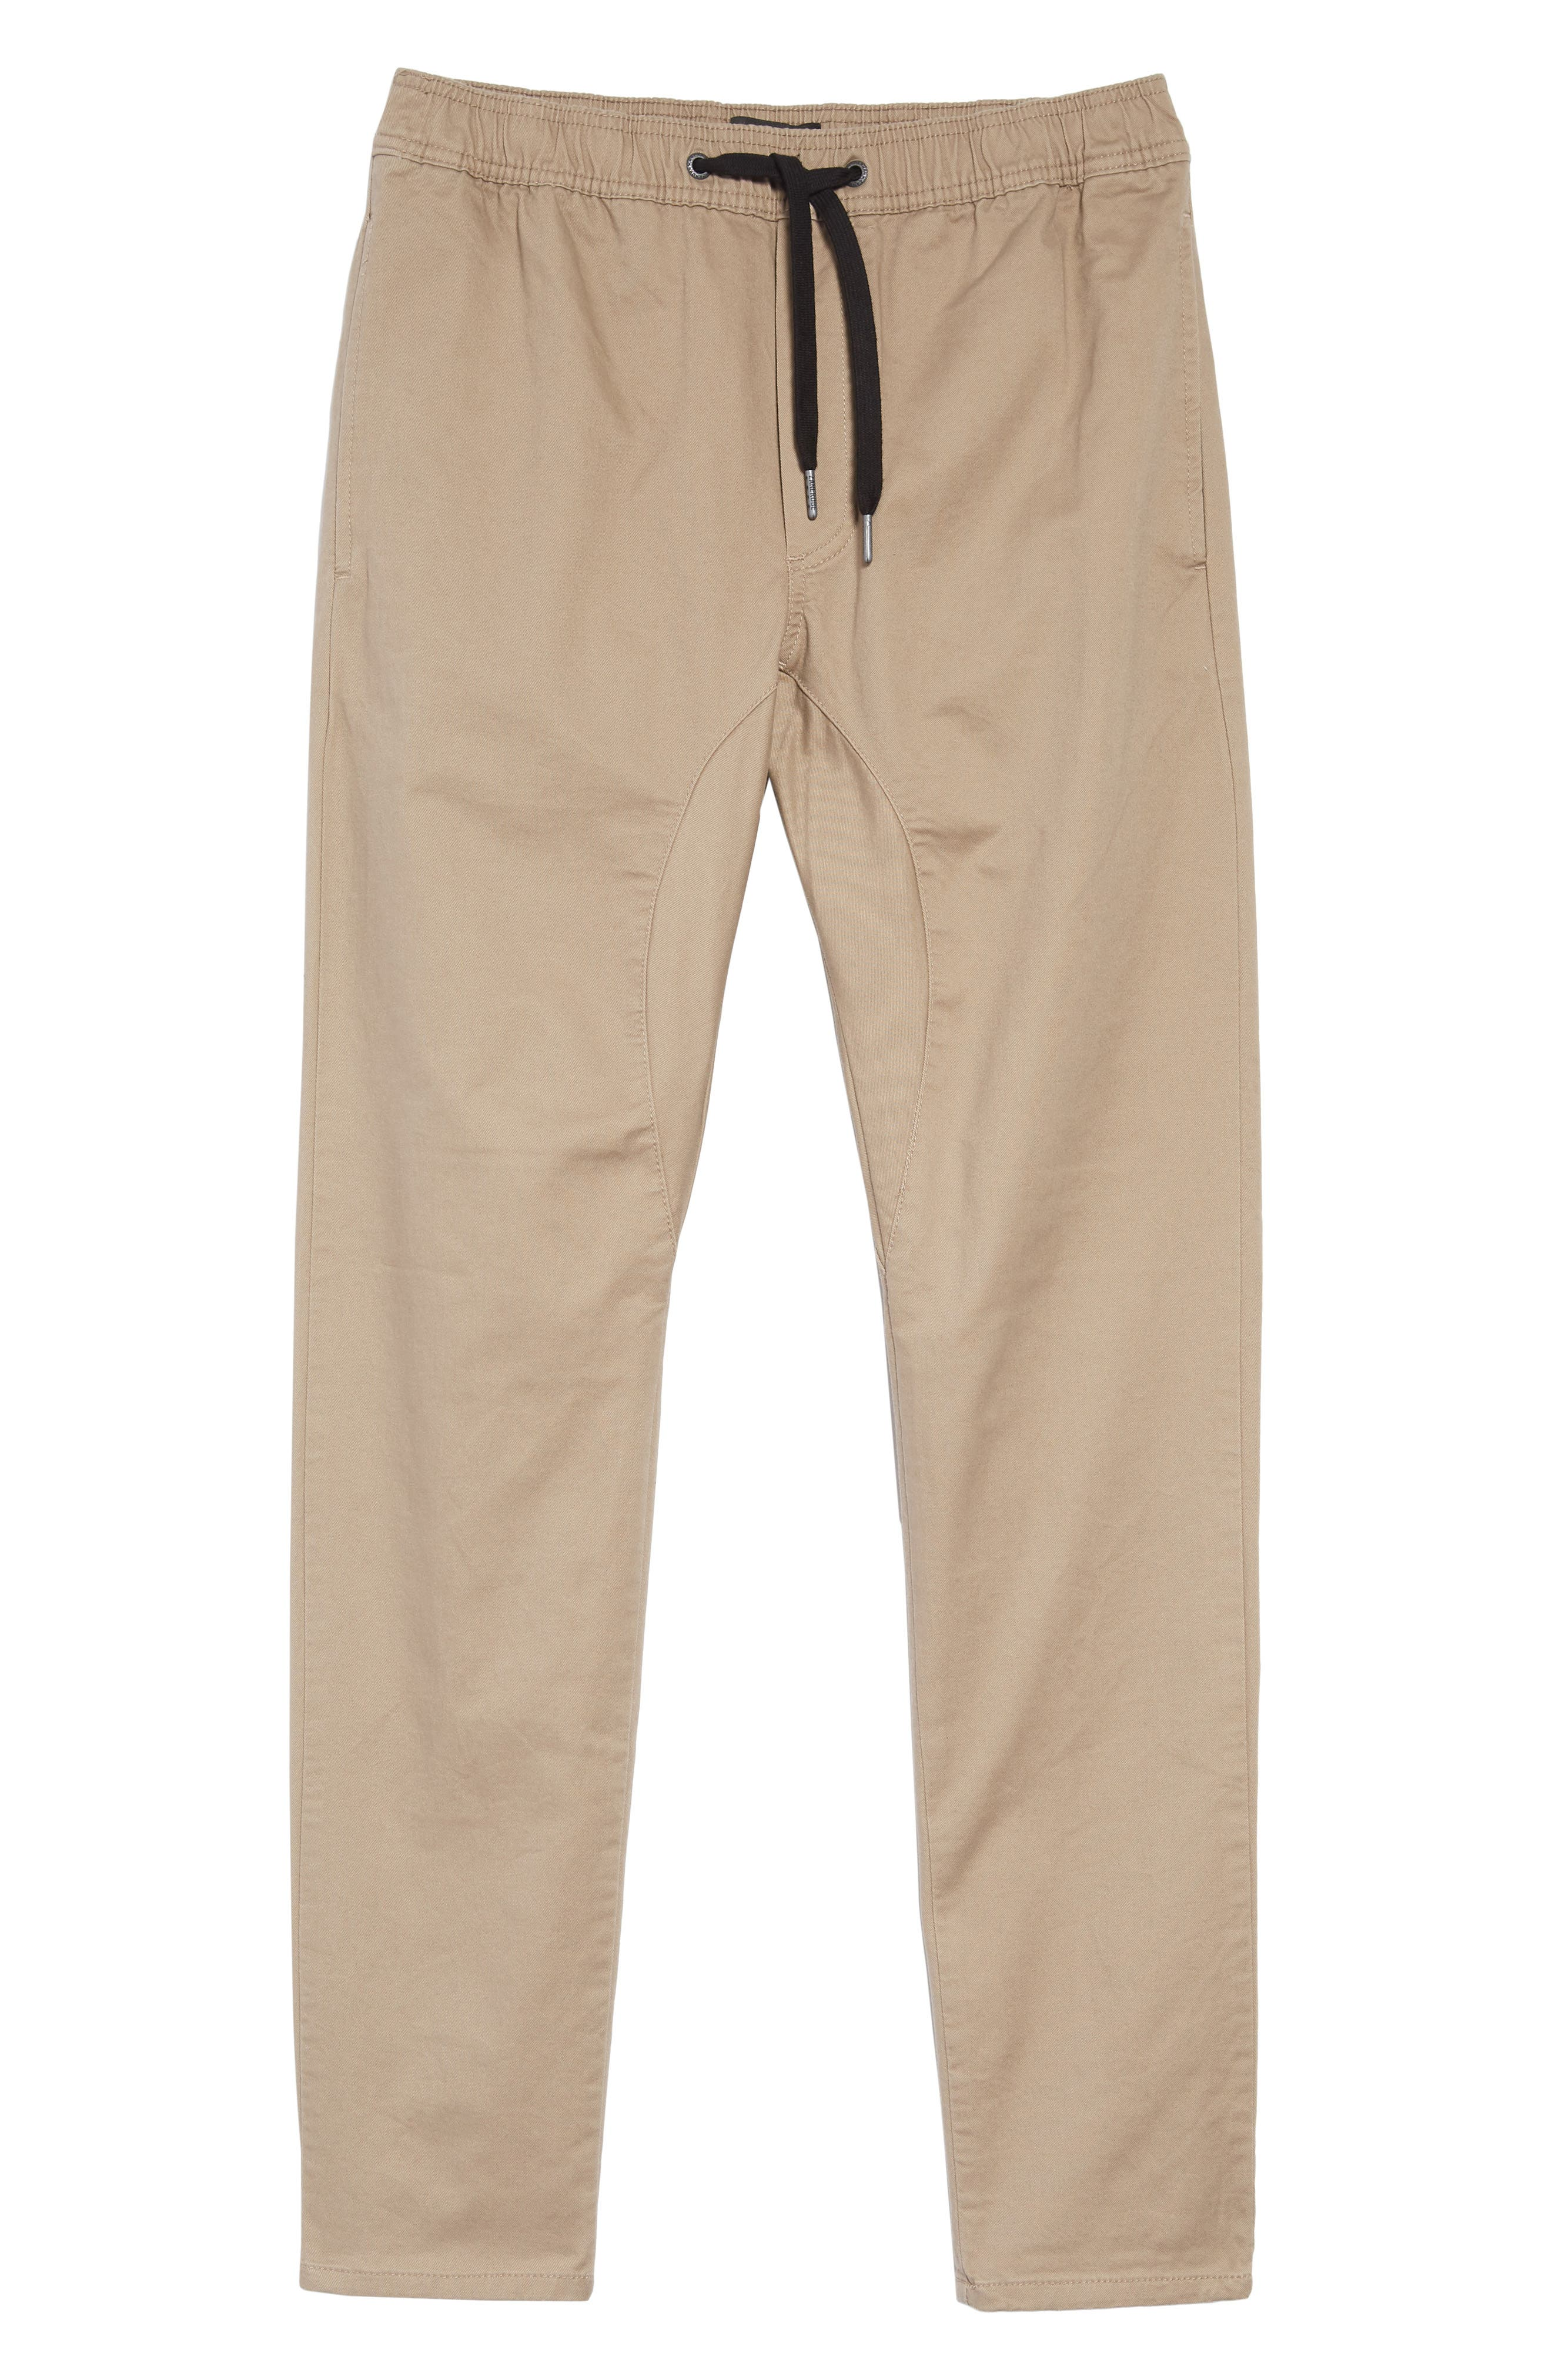 'Salerno' Chino Jogger Pants,                             Alternate thumbnail 2, color,                             TAN